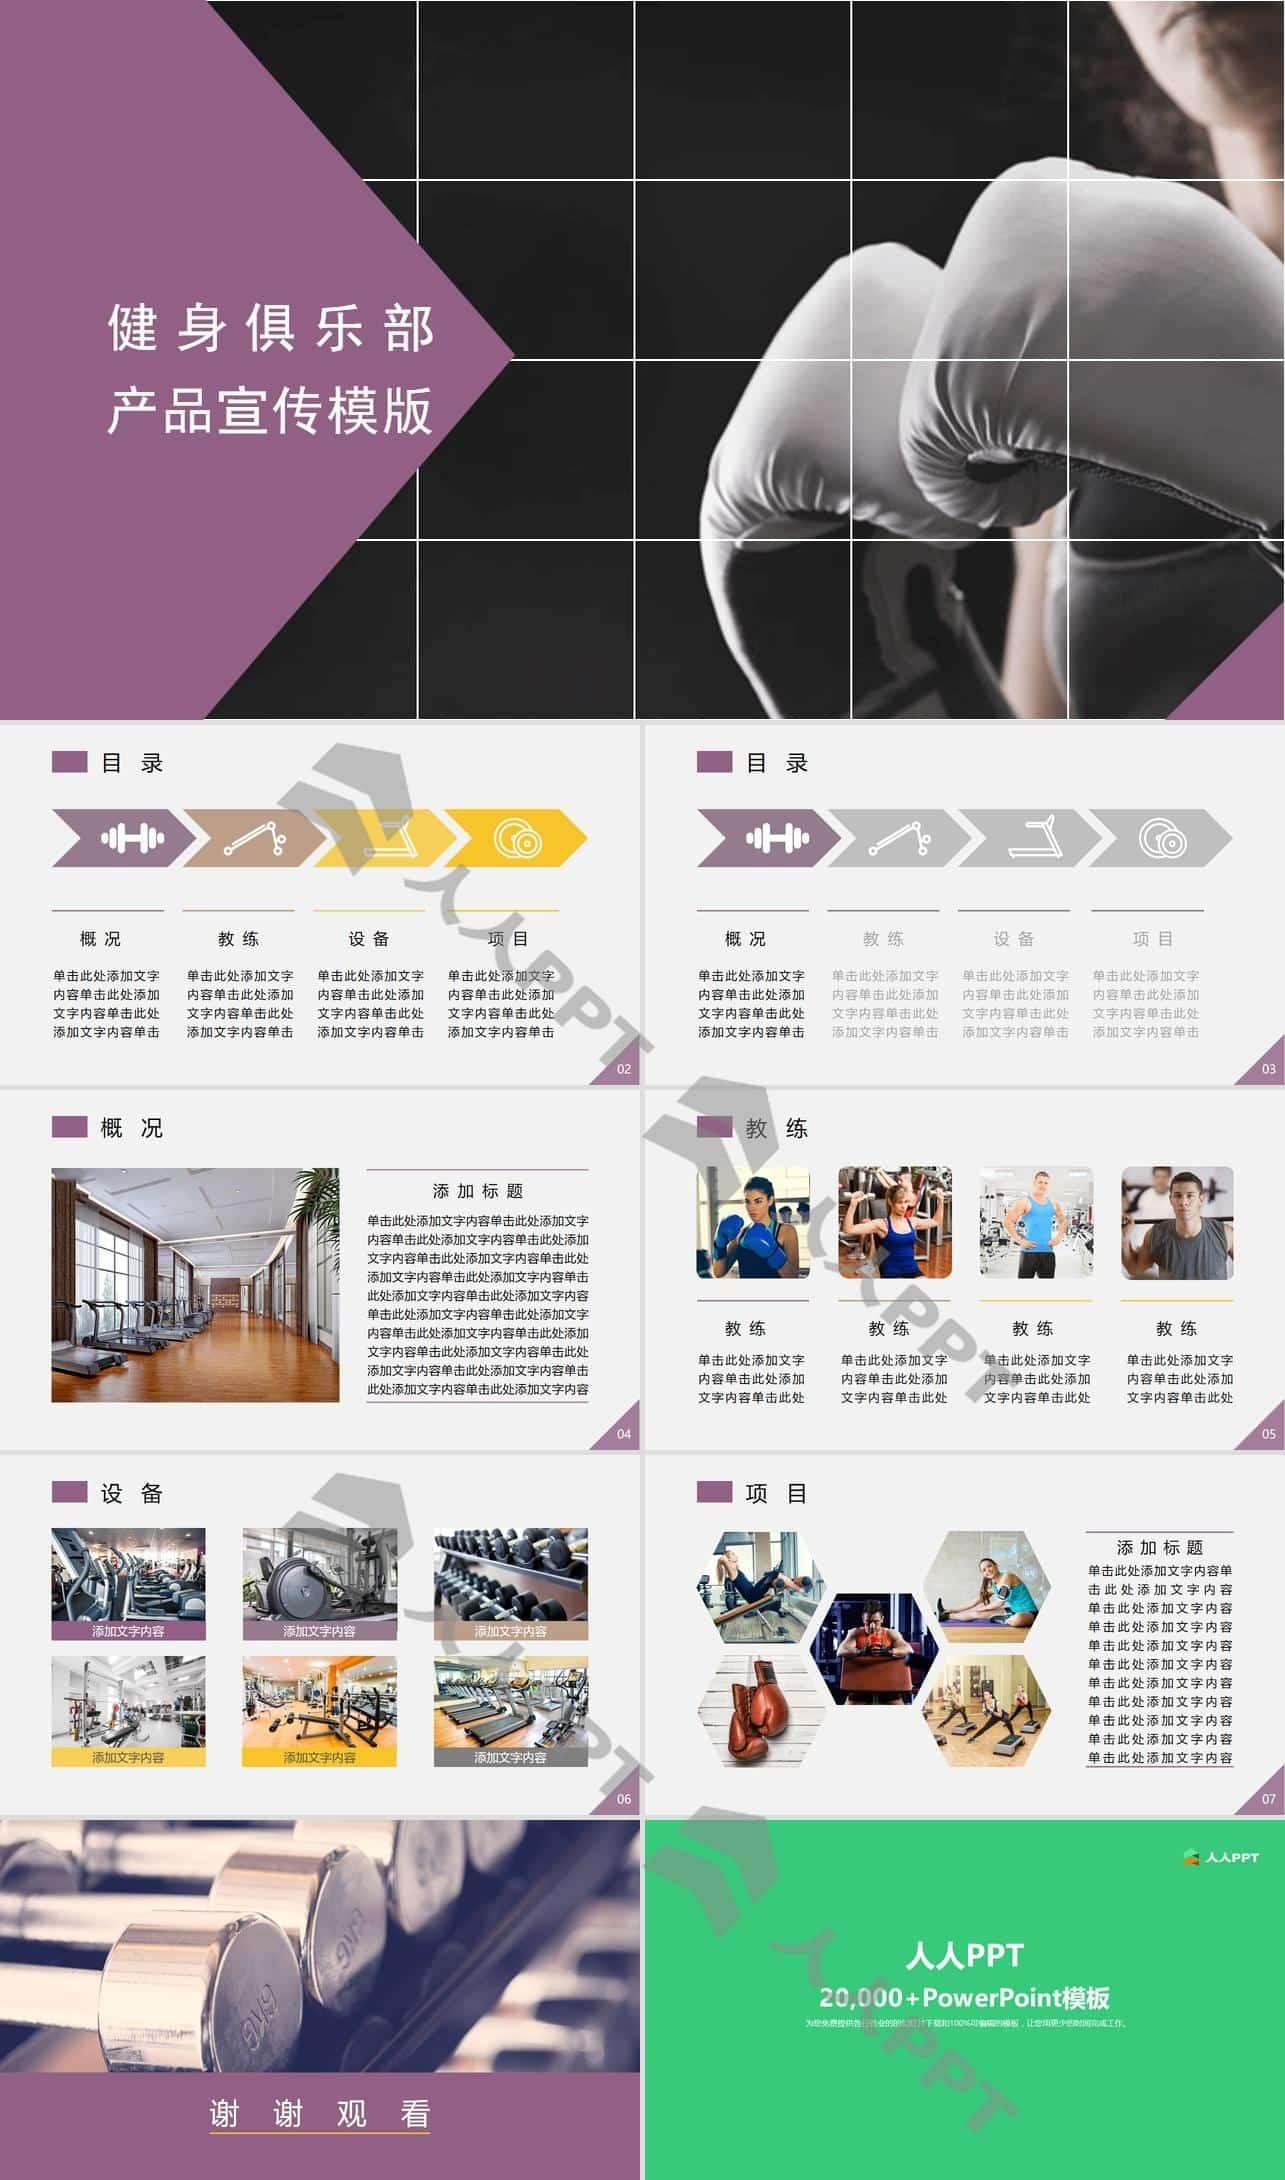 健身俱乐部宣传介绍PPT模板长图